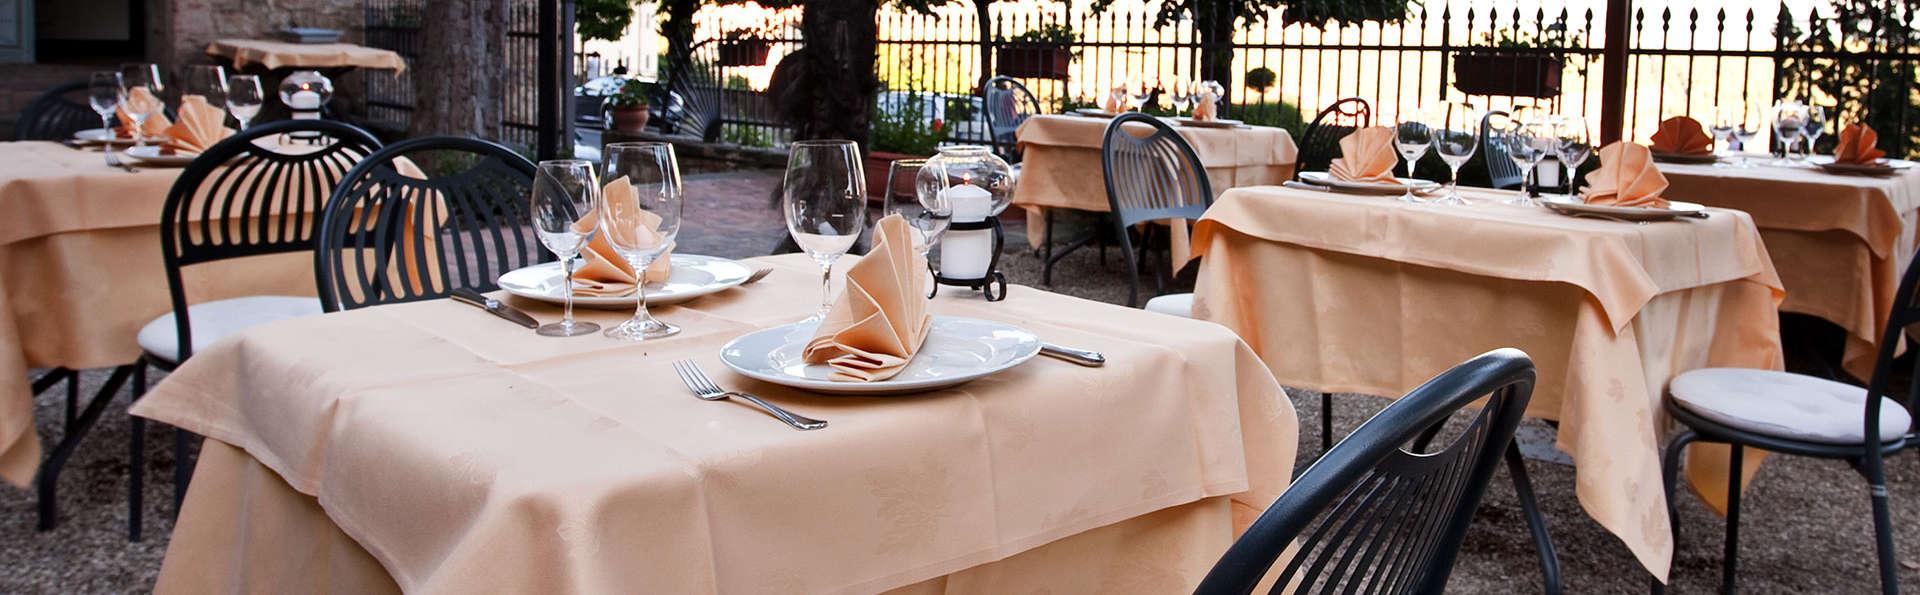 Séjour gastronomique dans les collines du Chianti avec cours de cuisine (à partir de 3 nuits)